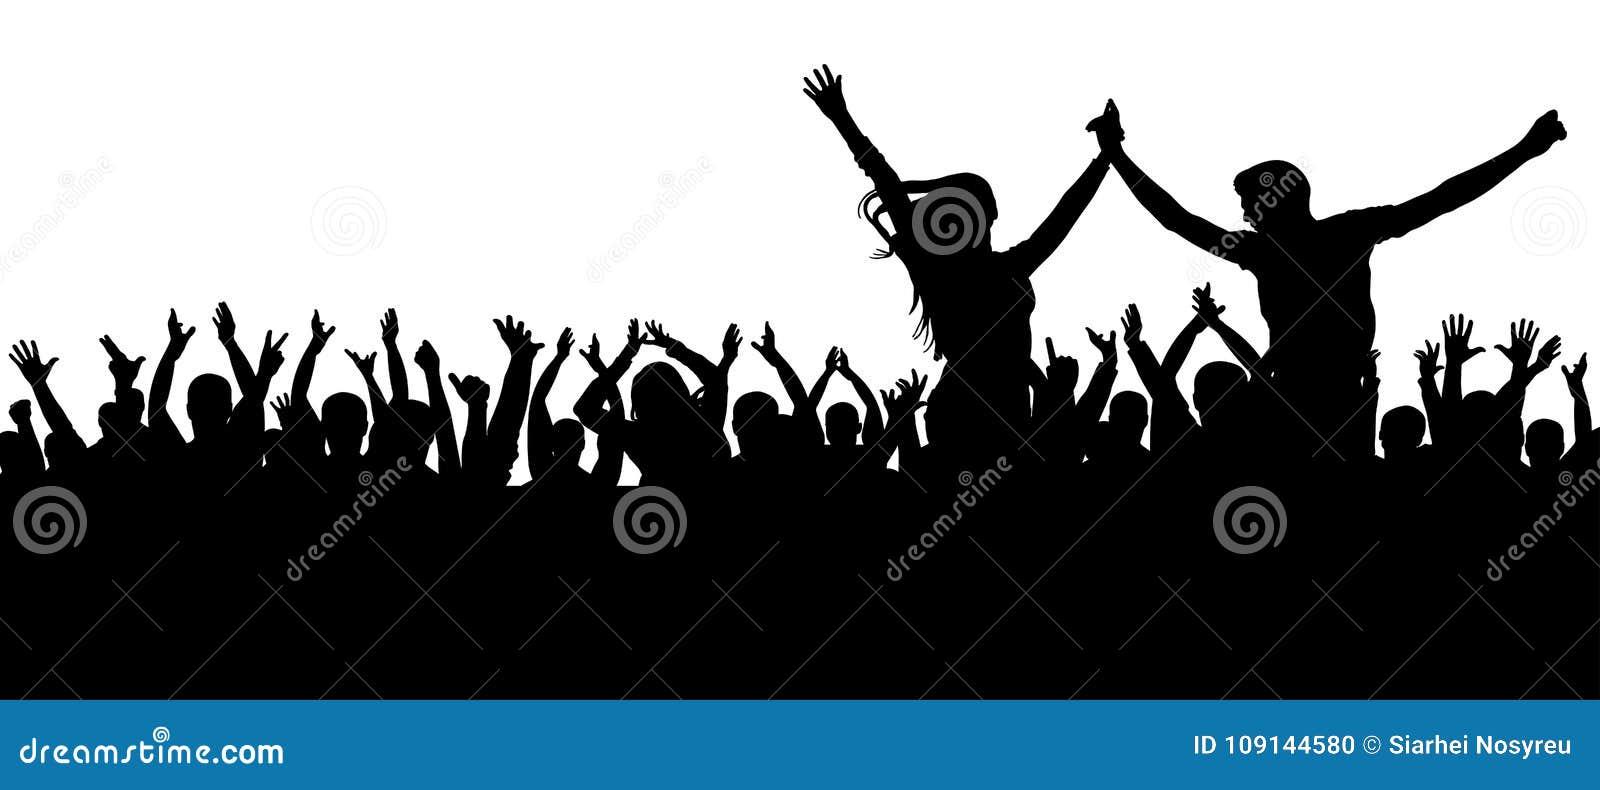 Concerto di ballo di fan, discoteca Siluetta allegra della folla La gente del partito, applaude Coppie giovani ad un partito